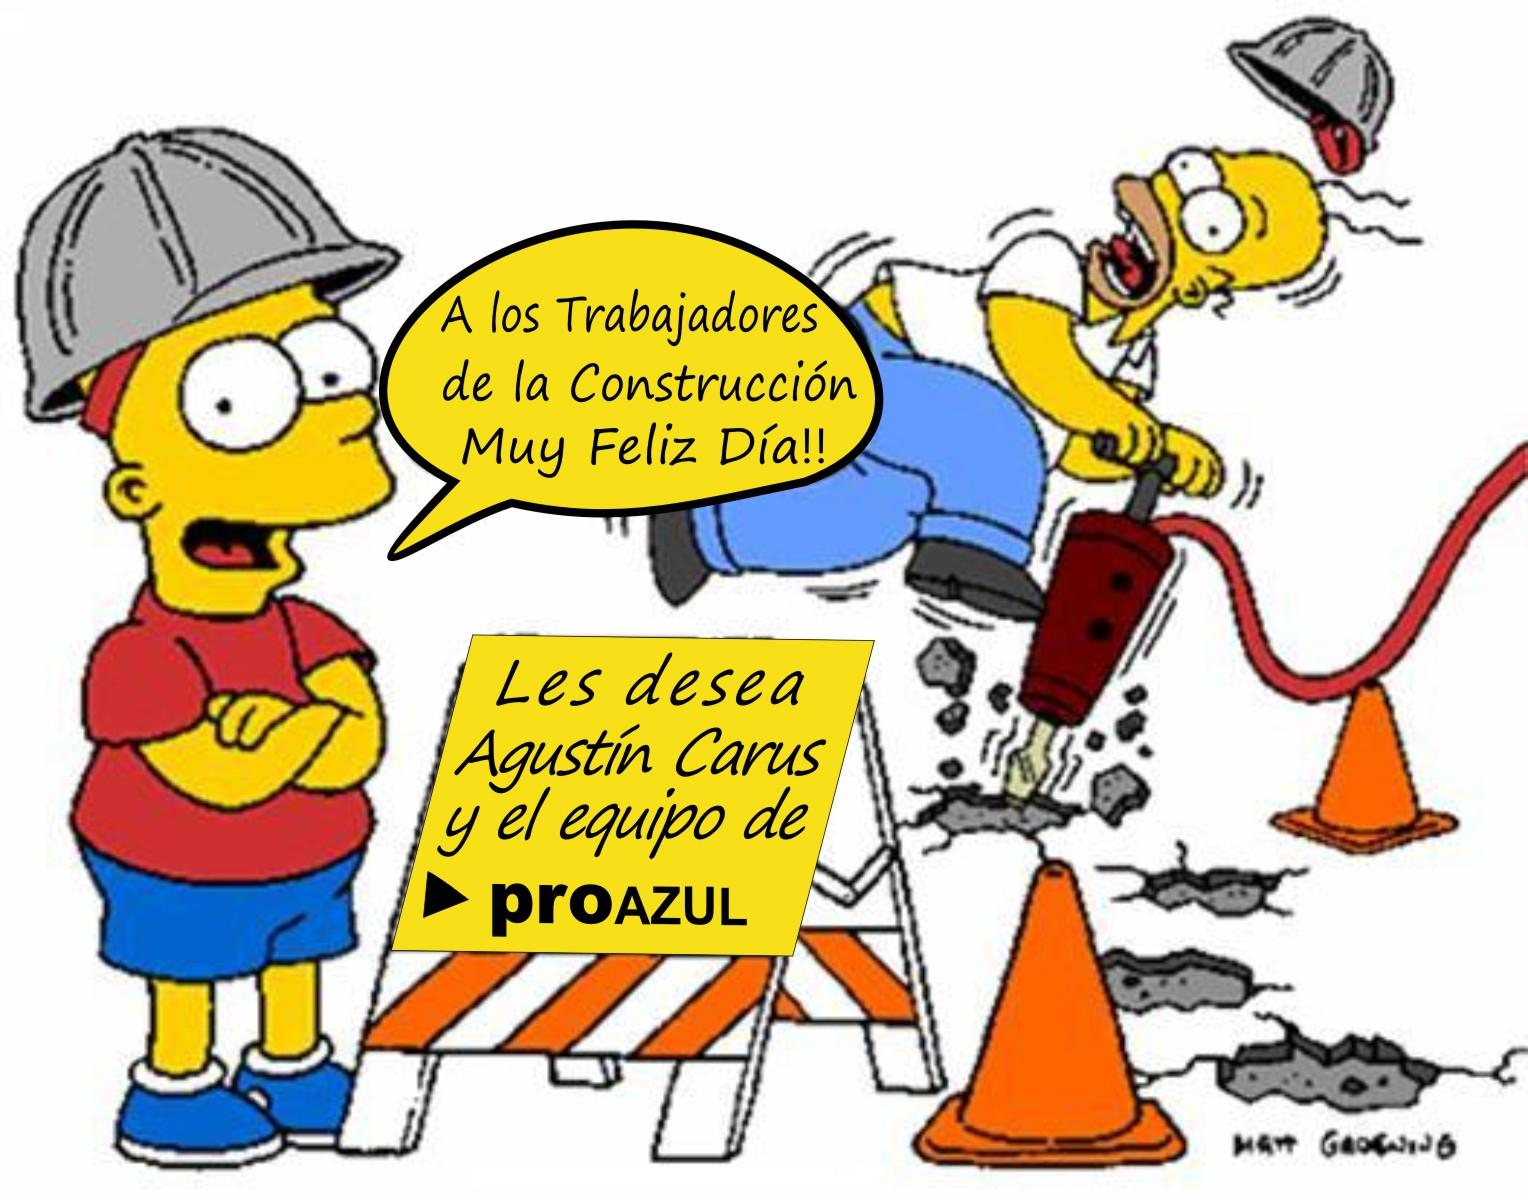 PZ C: dia del trabajador